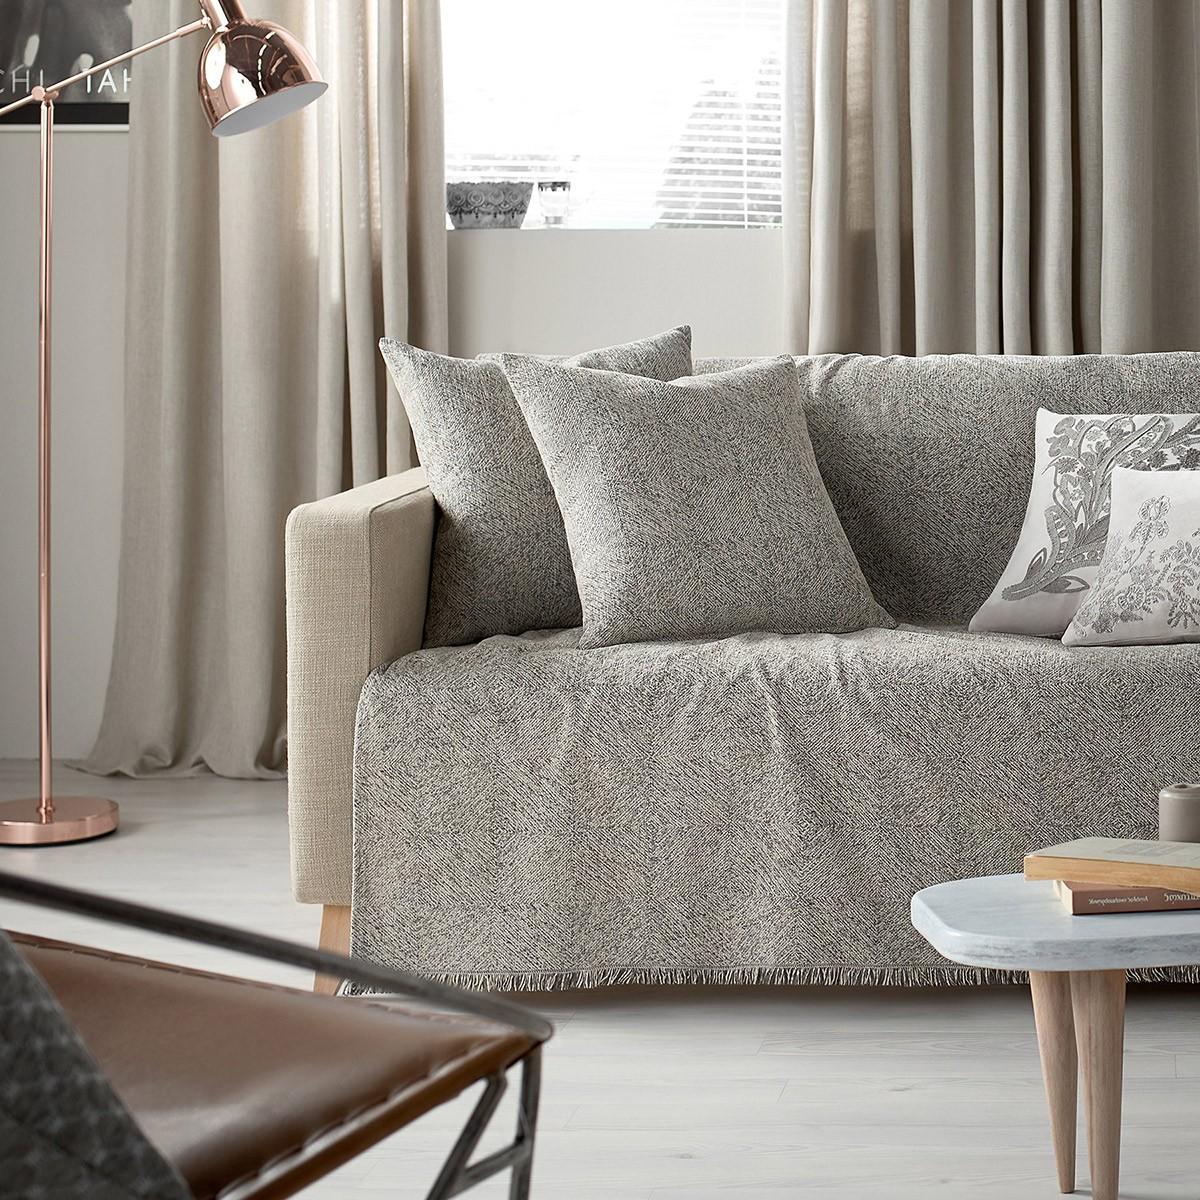 Ριχτάρι Τετραθέσιου (180x350) Gofis Home Livorno Grey 788/15